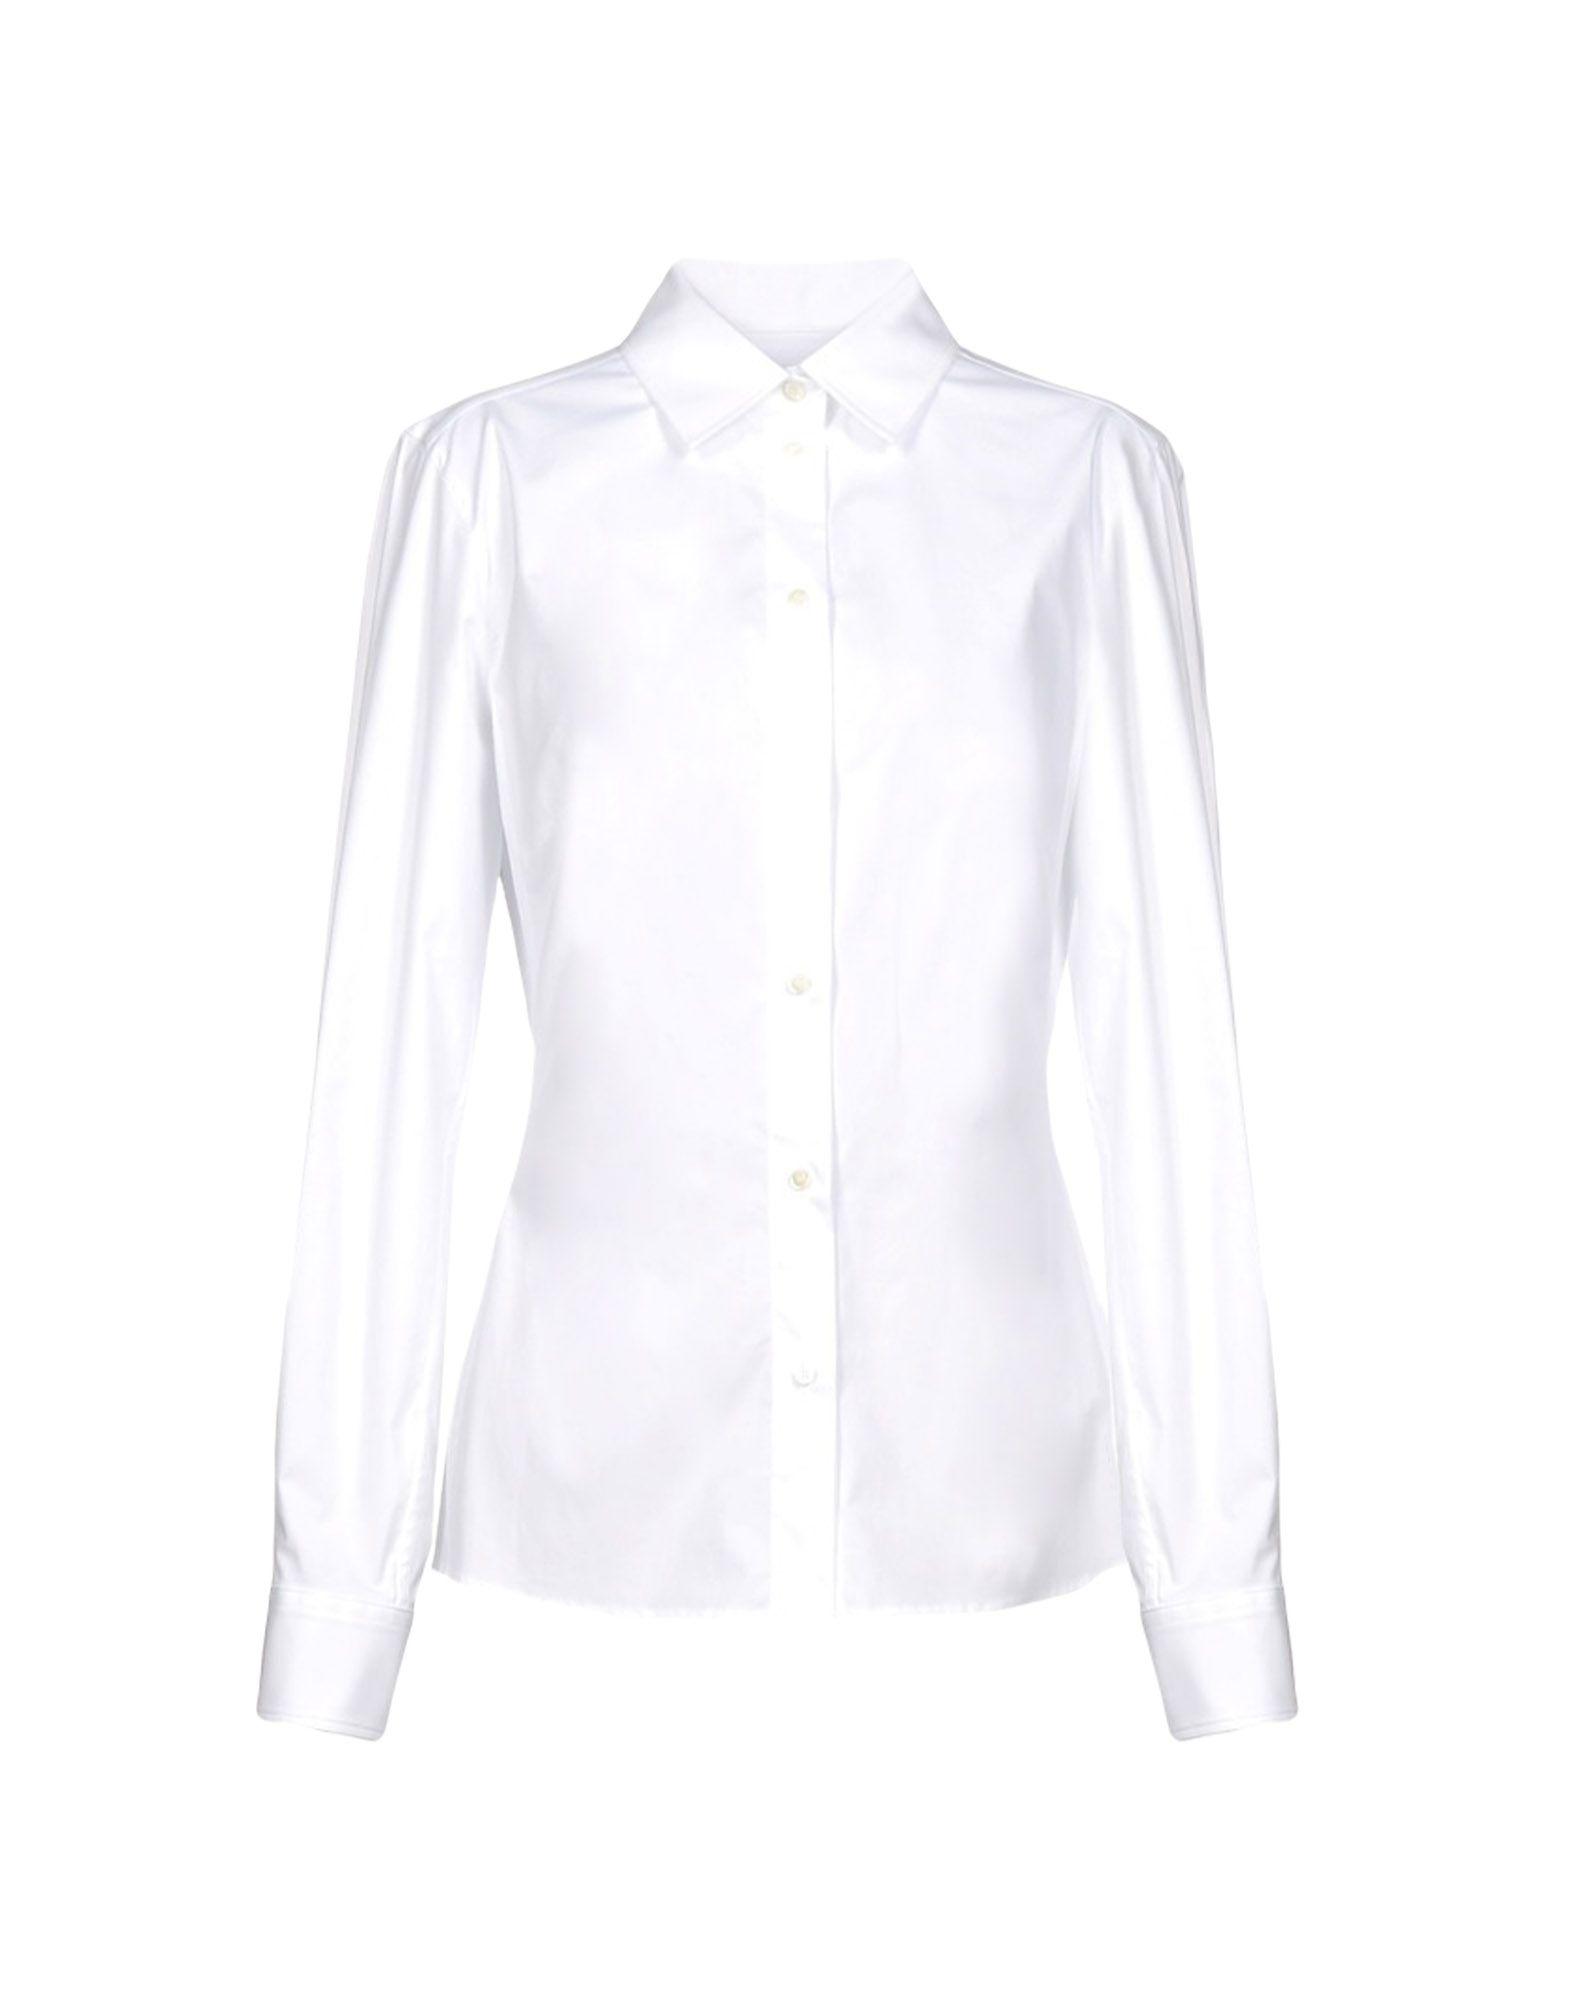 Camicie E Bluse Tinta Unita Dolce & Gabbana Donna - Acquista online su Ew2ml4PC